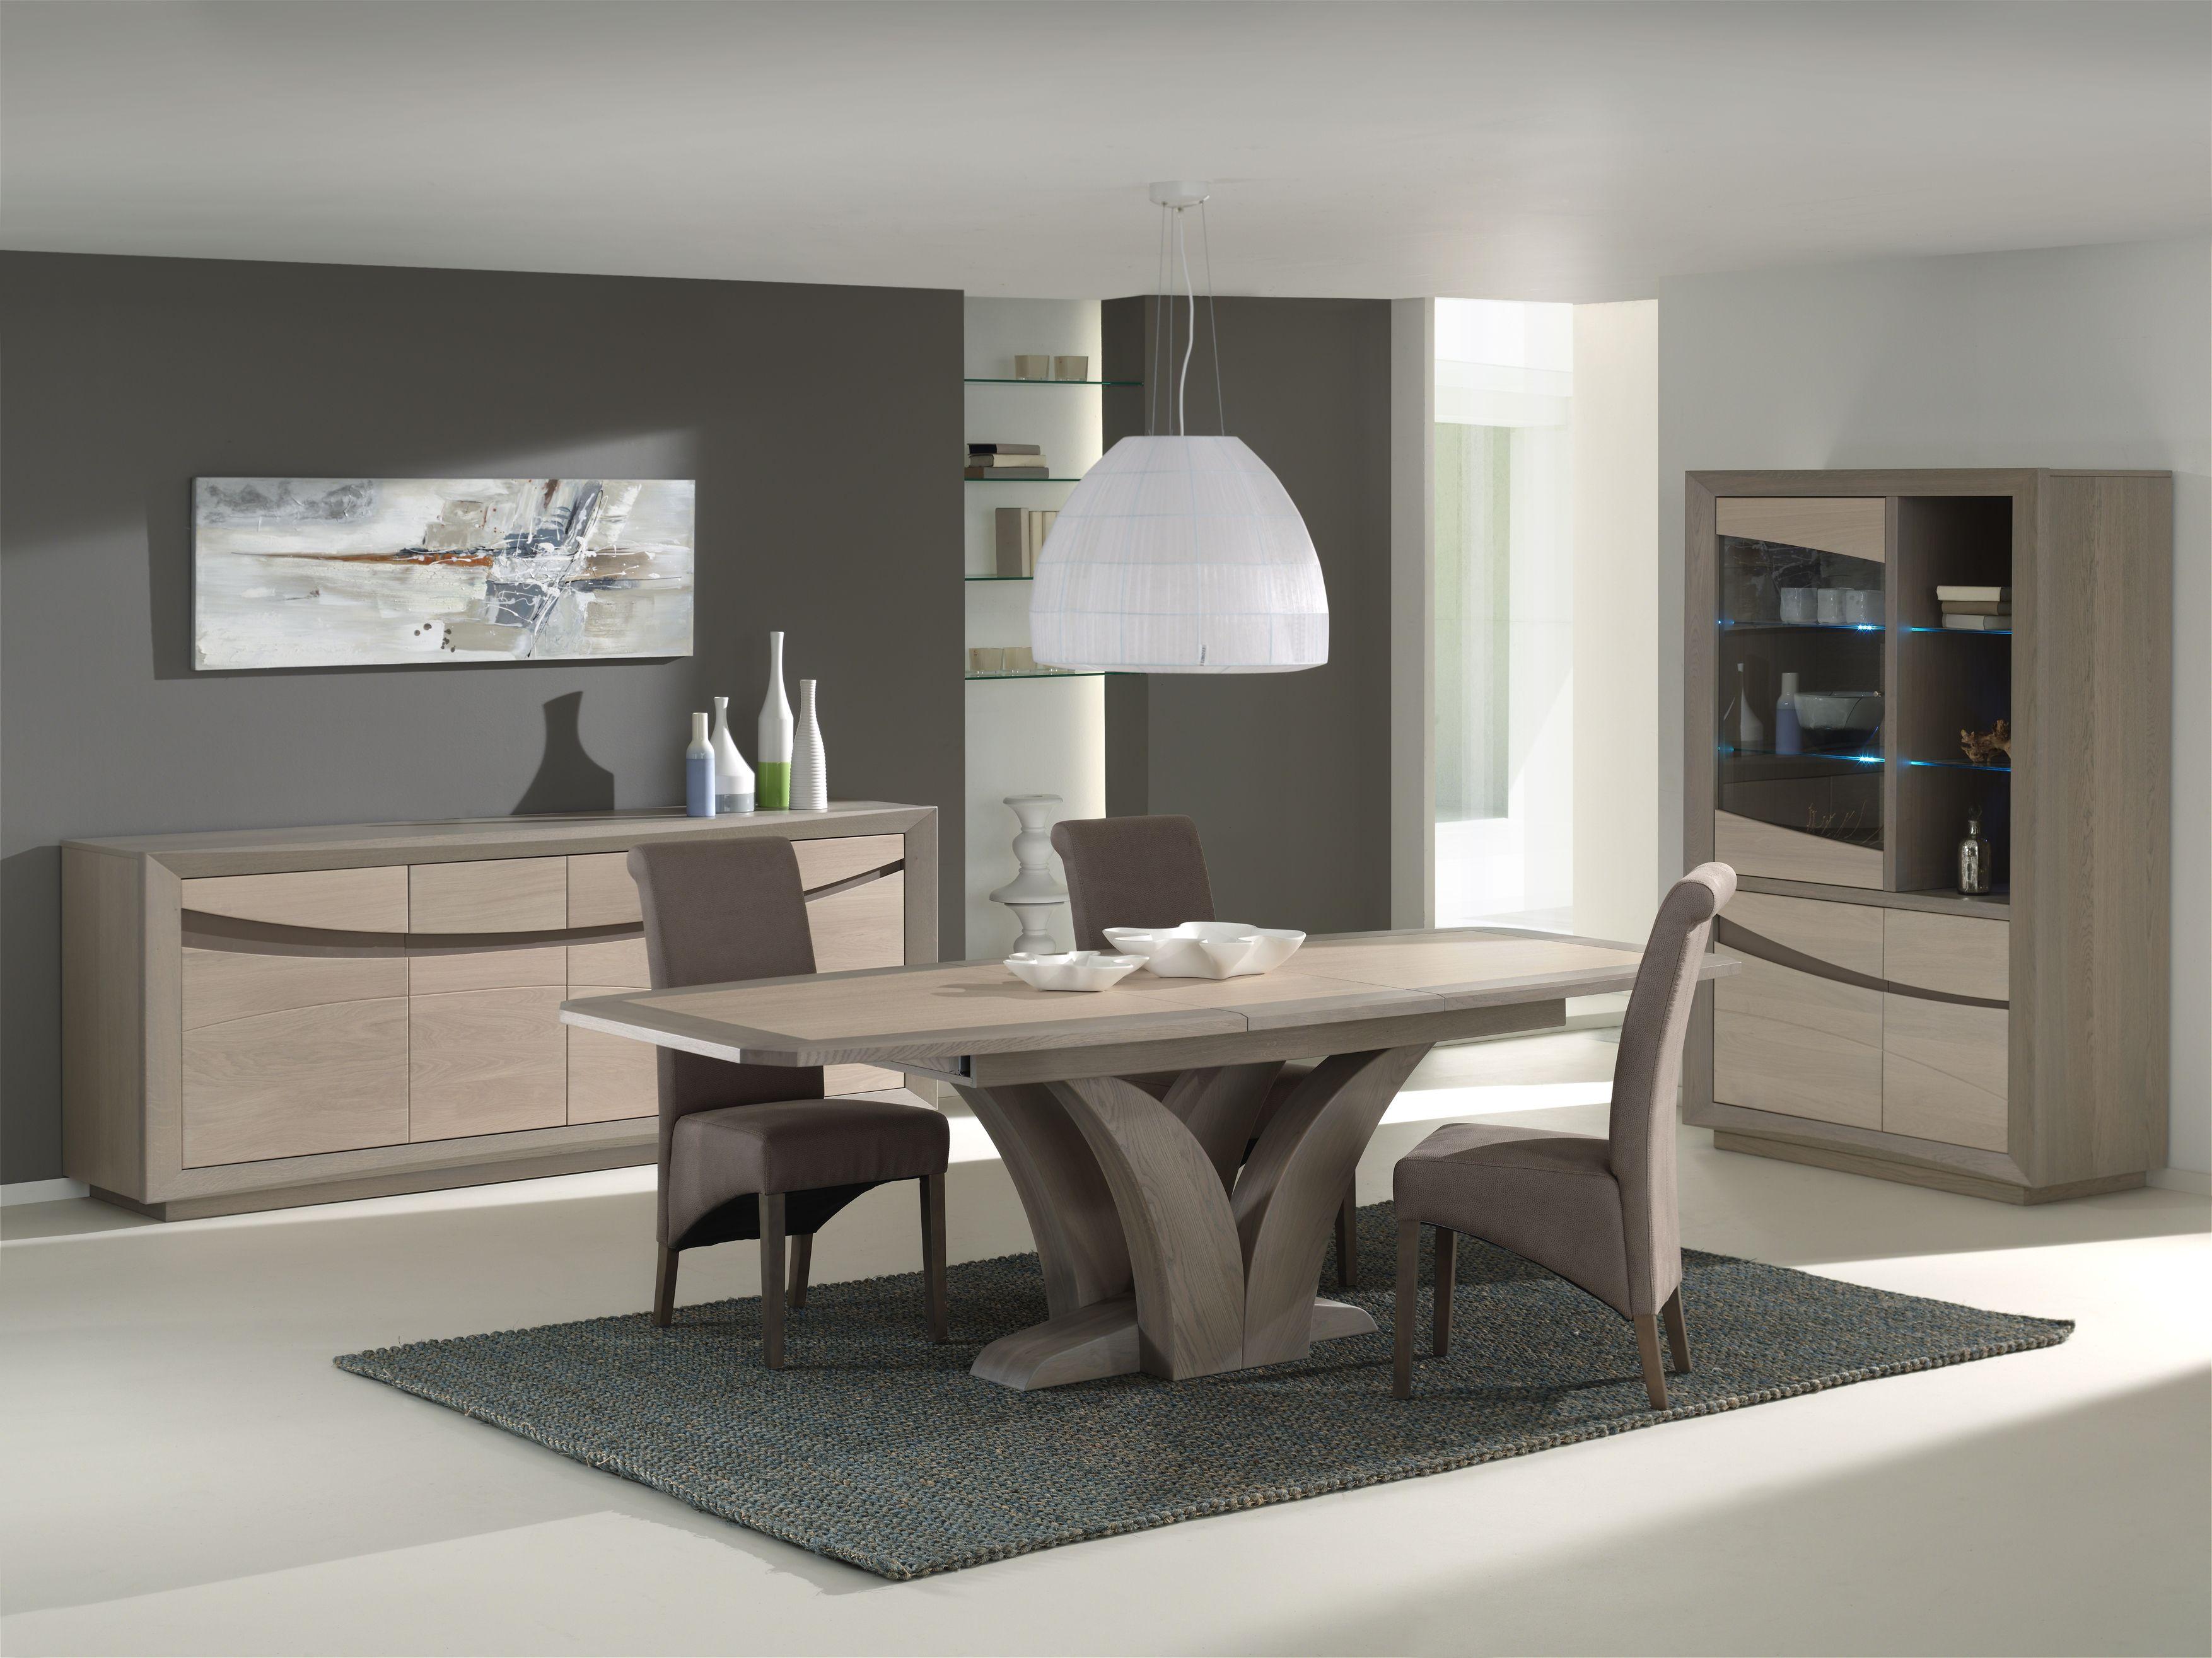 Chic et moderne, la salle à manger Cera Beauté de Lievens ...